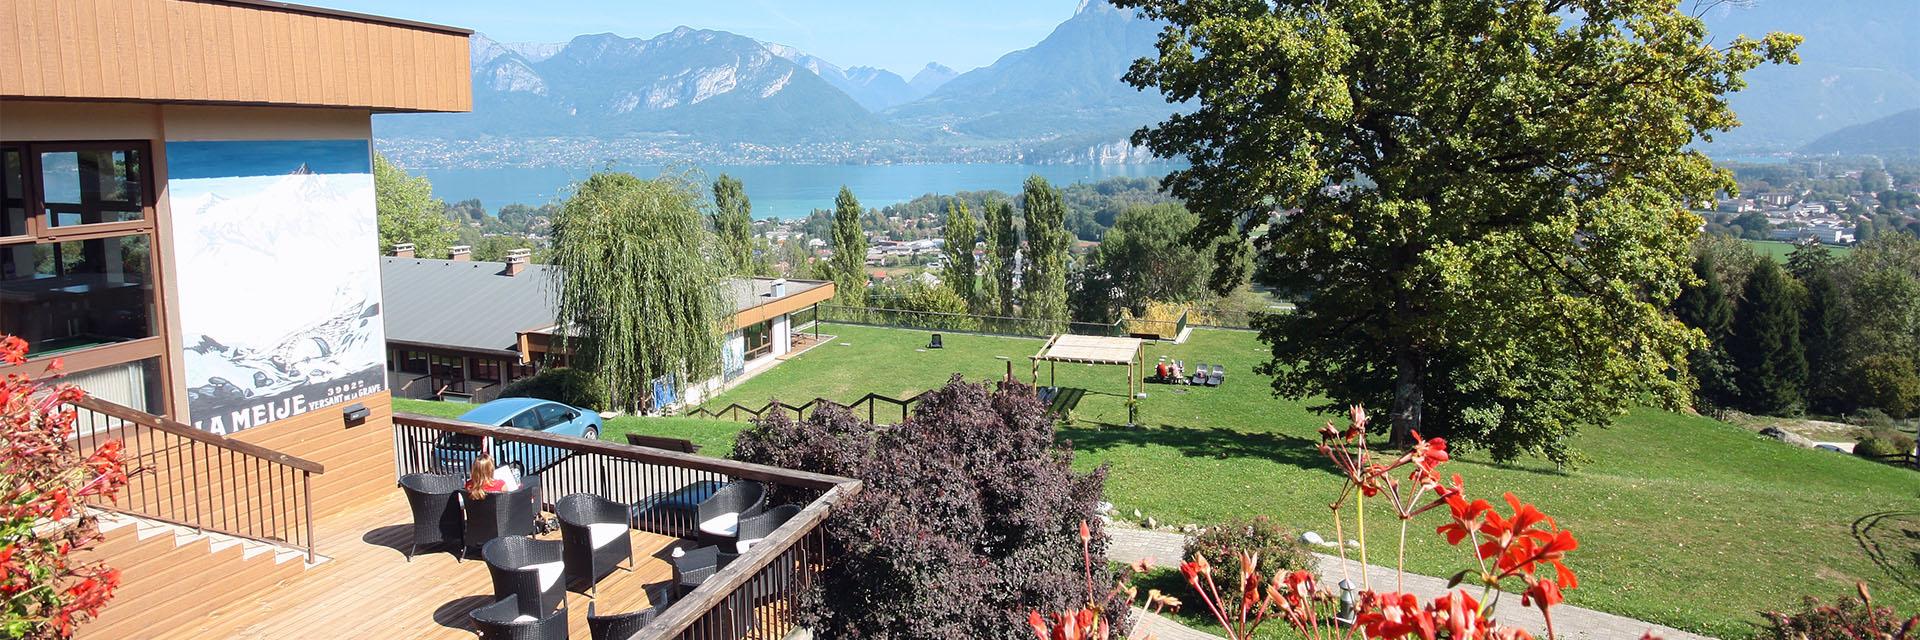 Village_club_vacances_haute-savoie_balcons-du-lac-d-annecy-village-terrasse